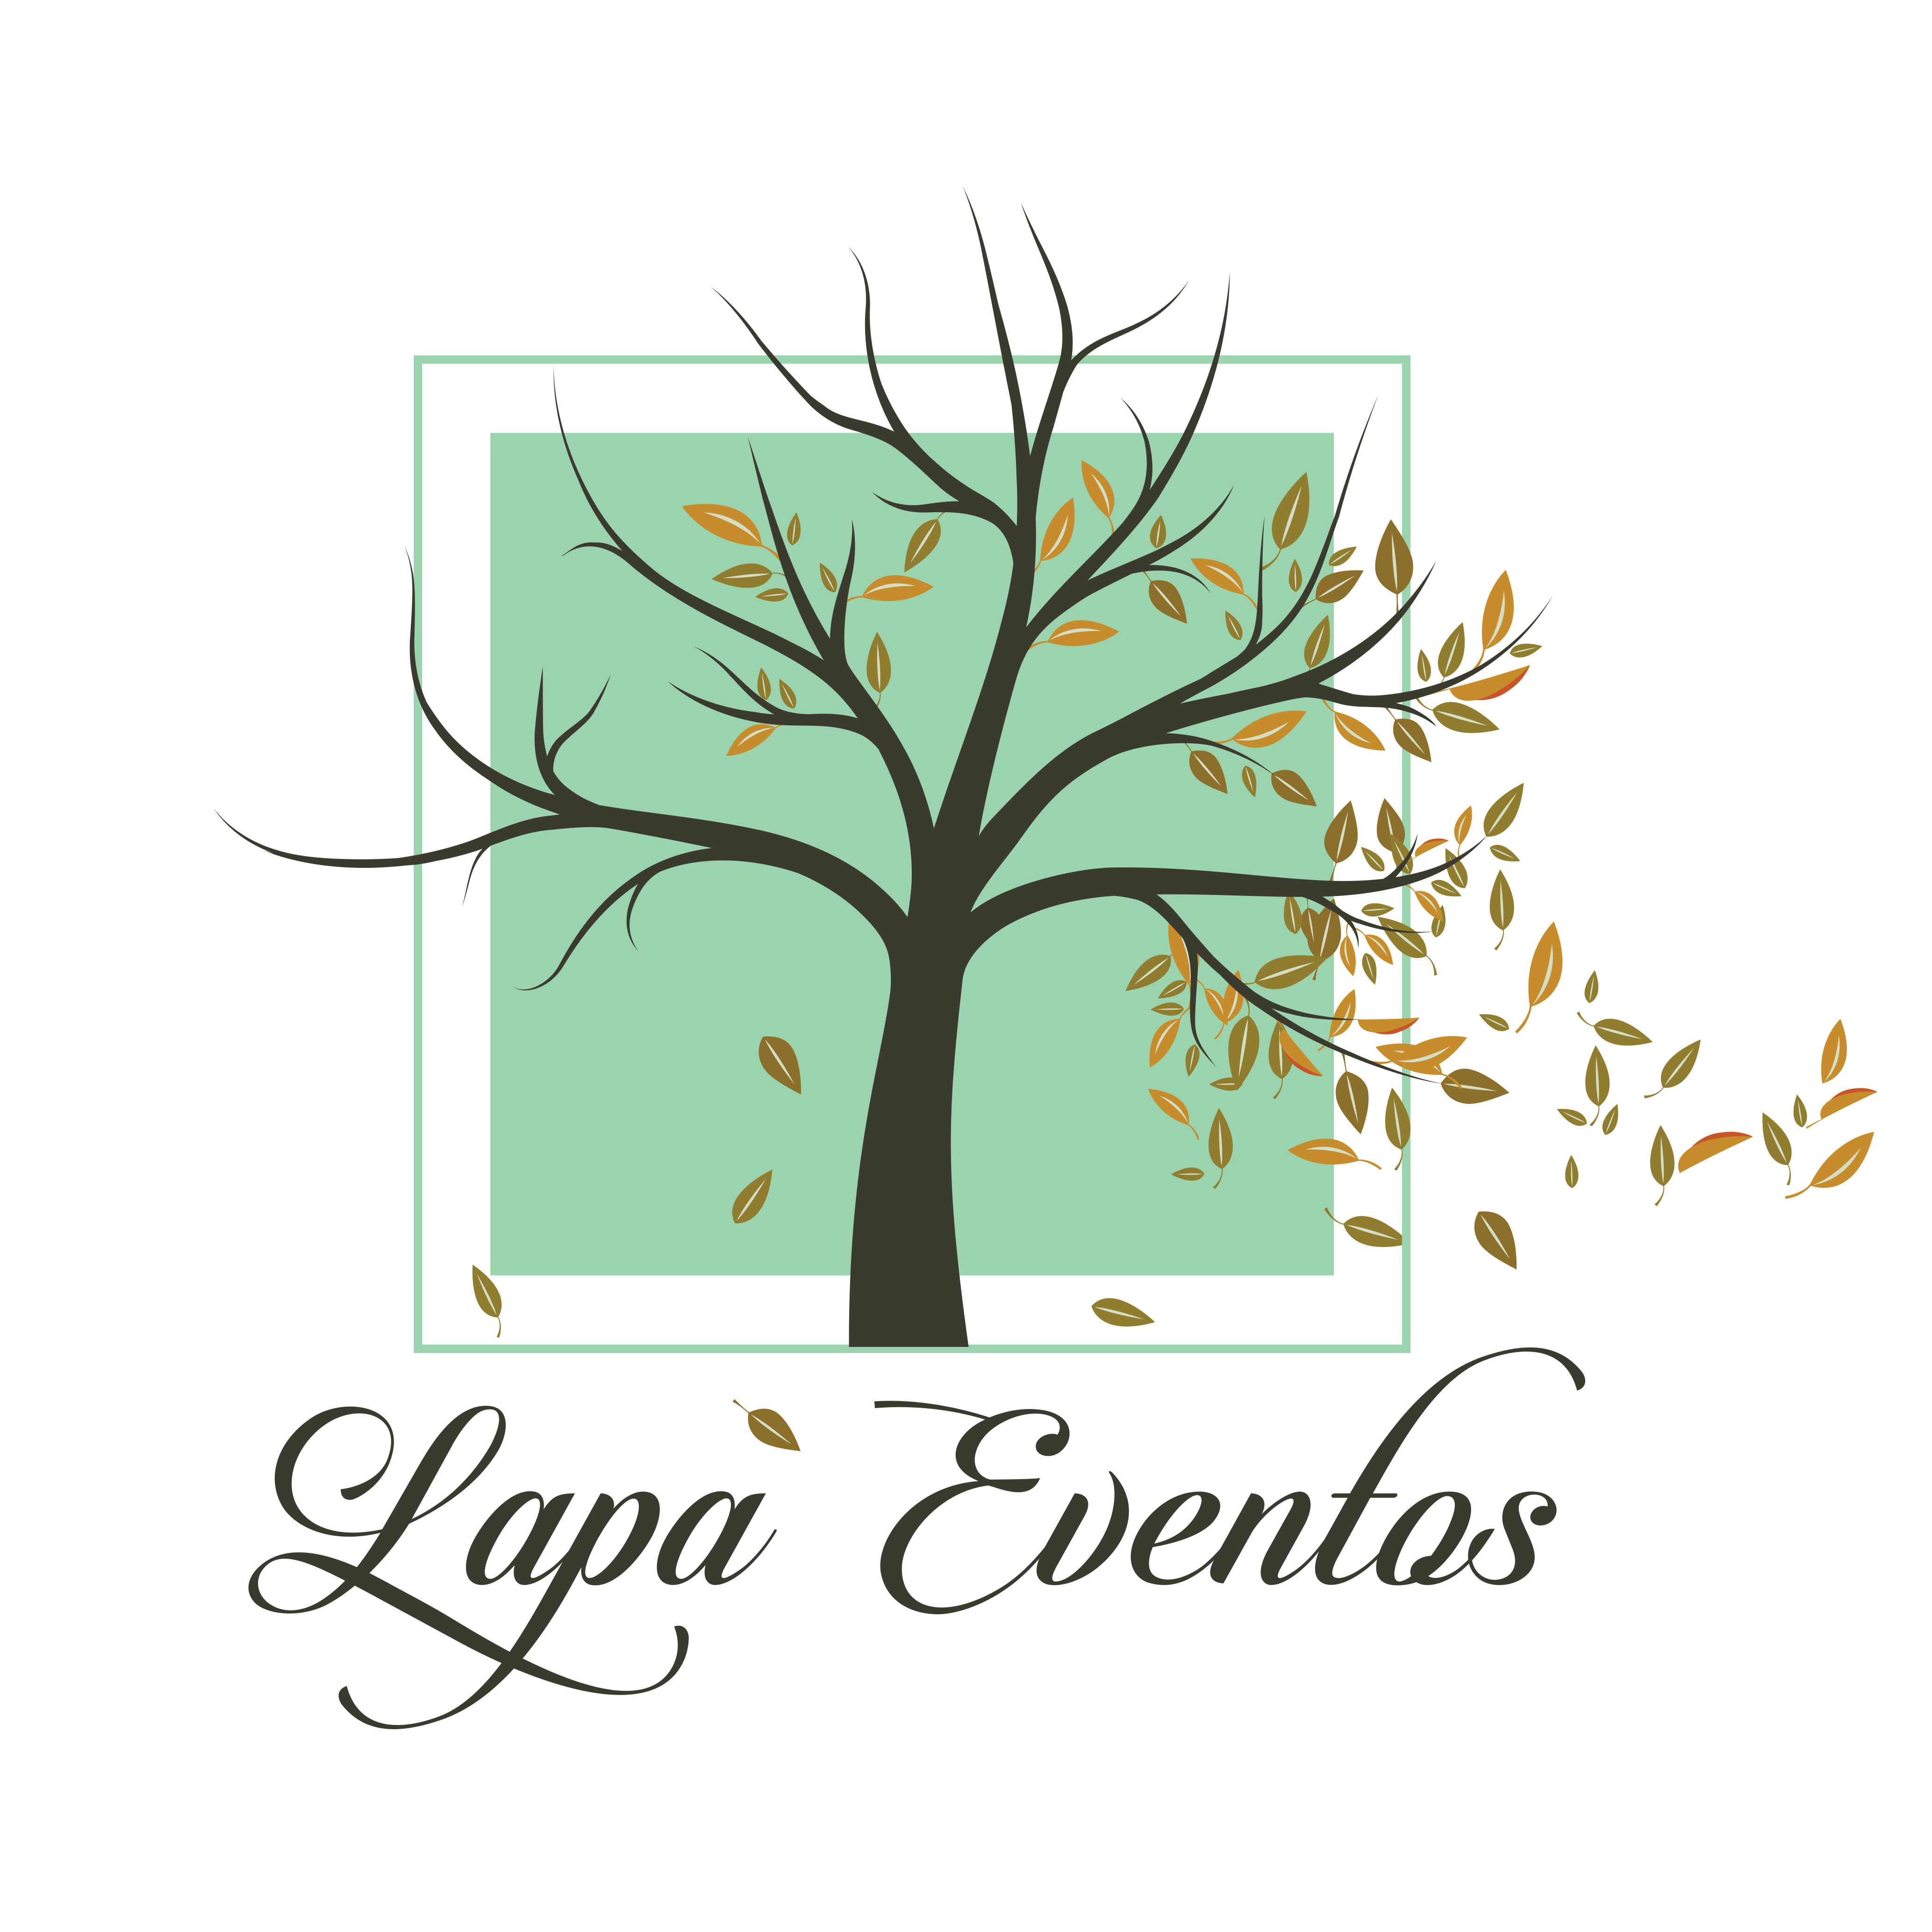 logo_lapa_eventos